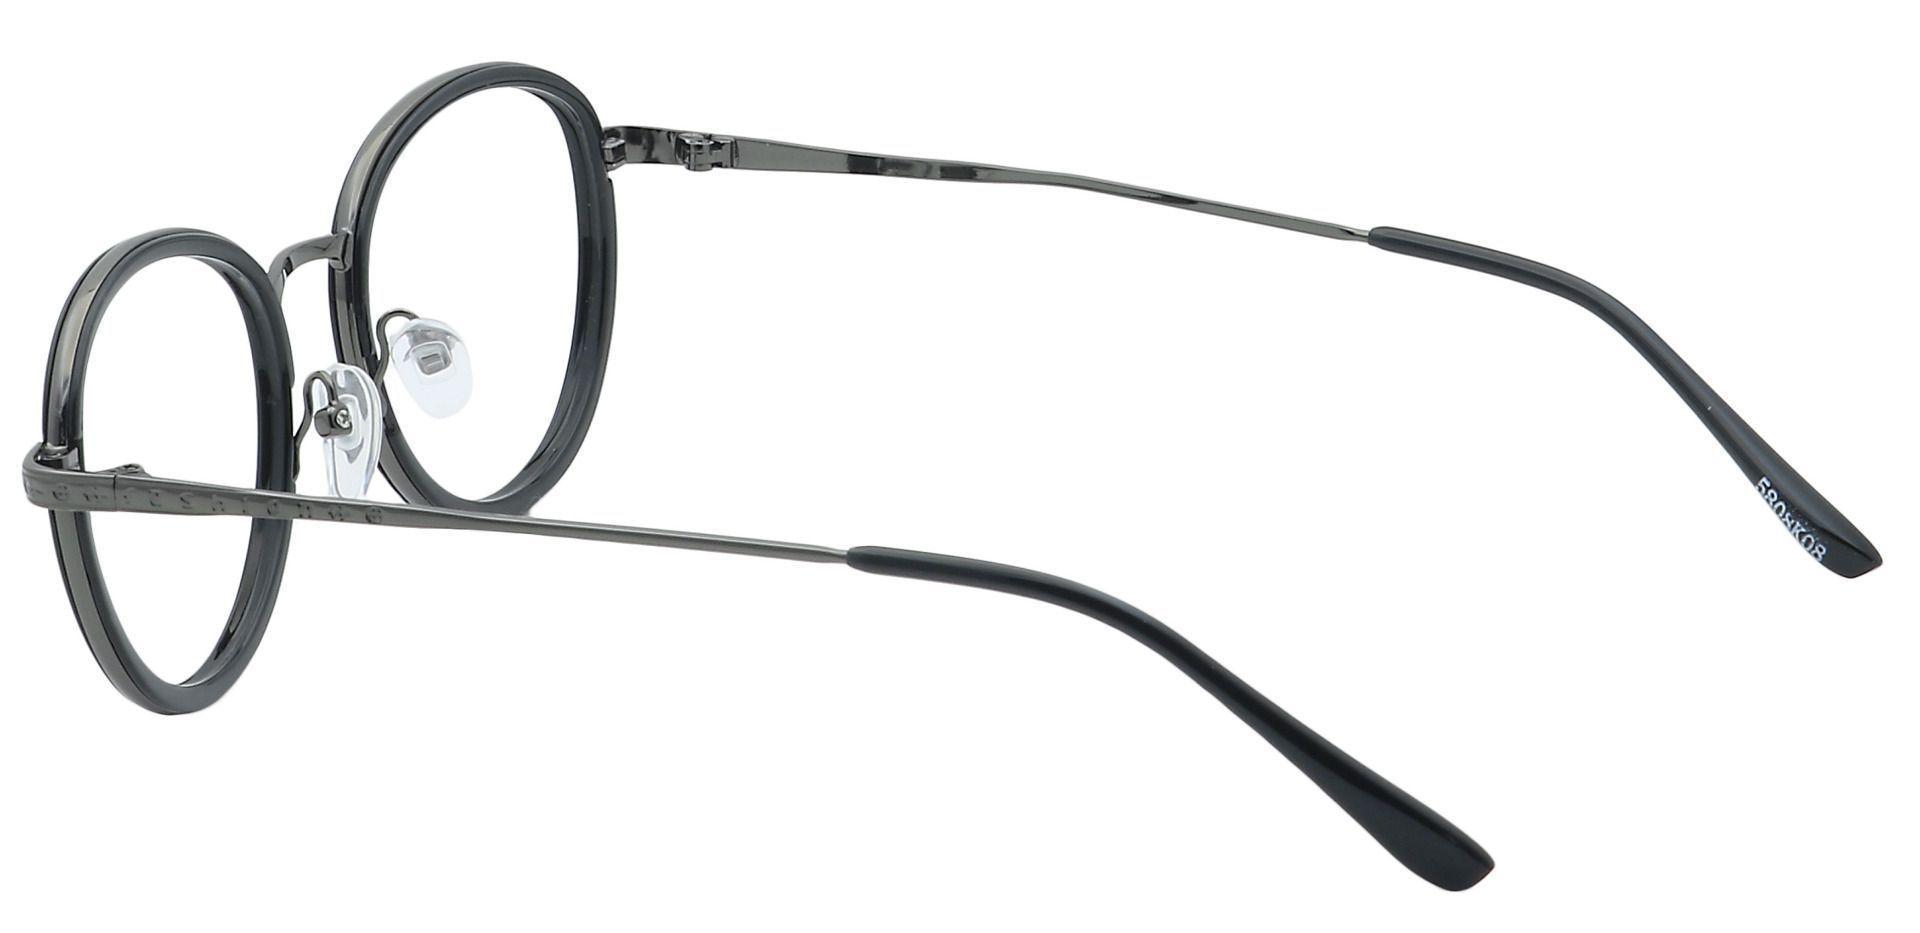 Gage Oval Non-Rx Glasses - Black